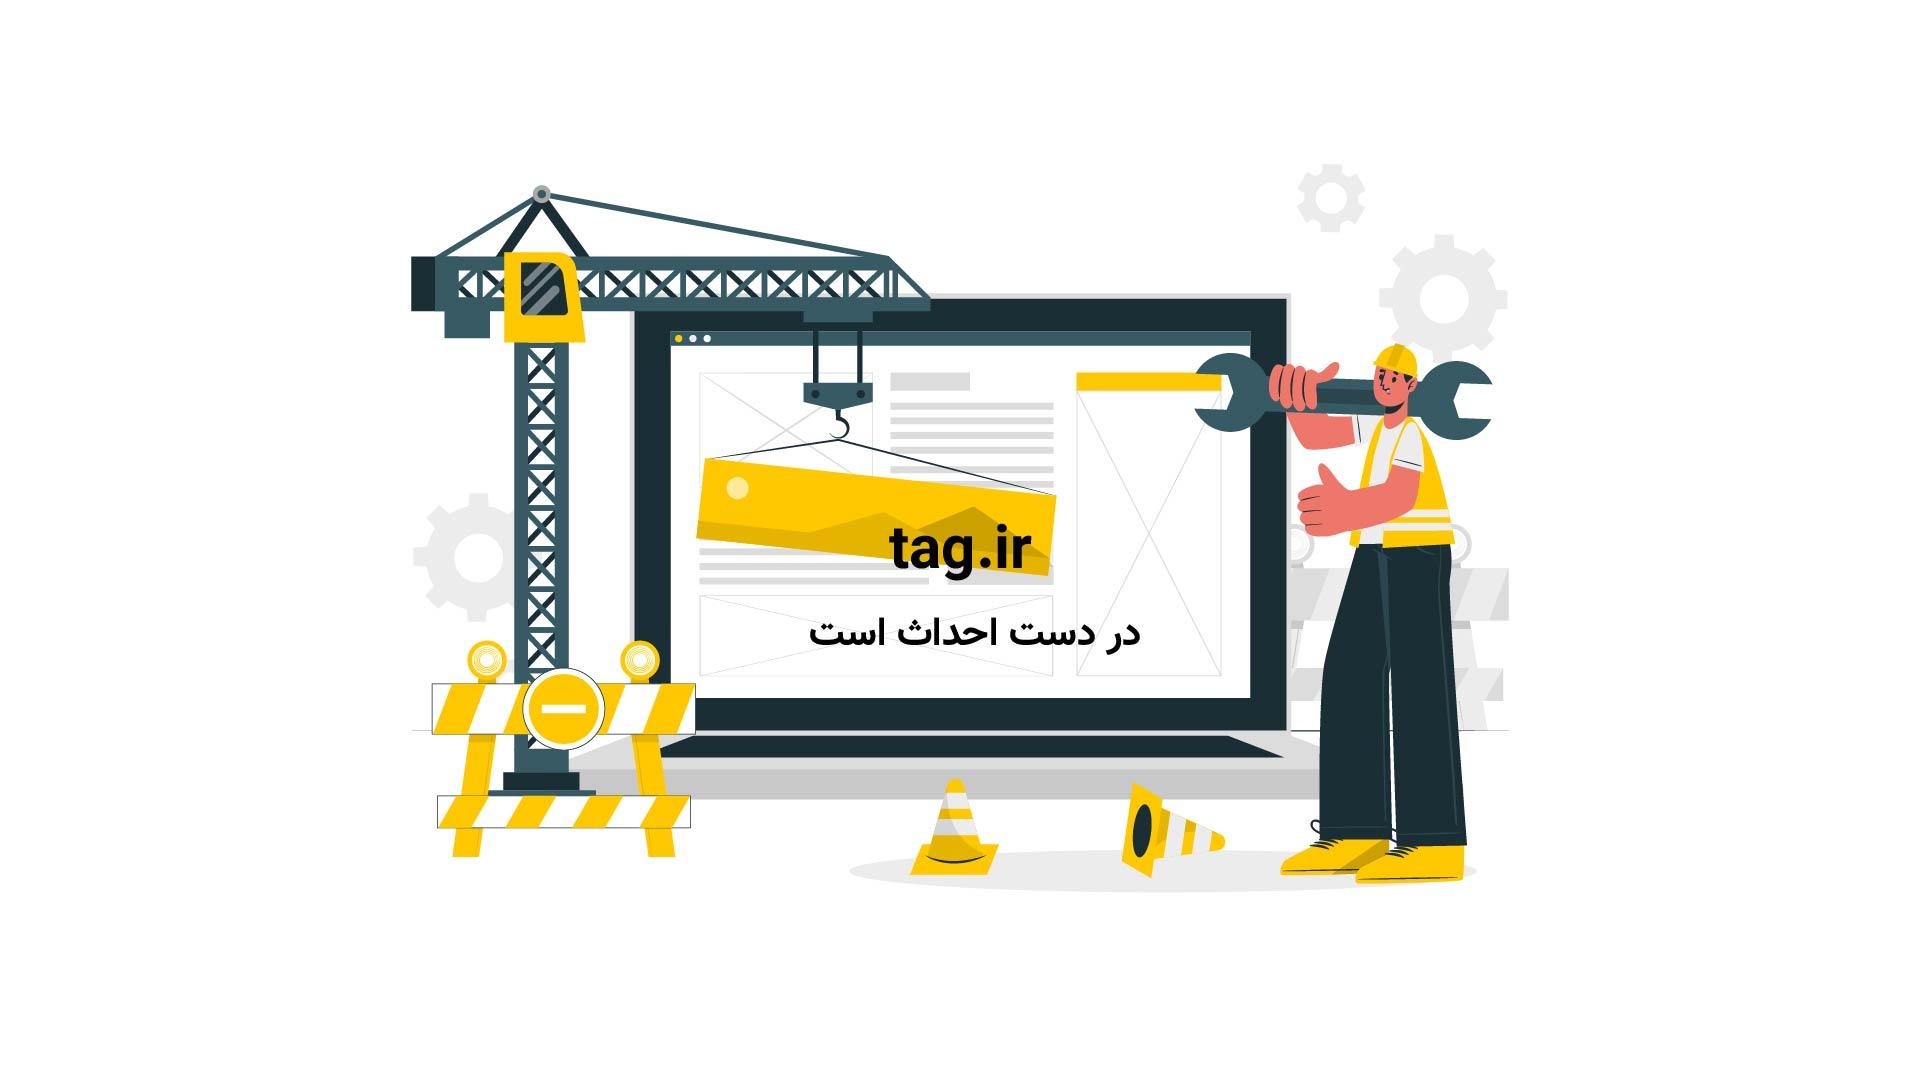 کارتون تام و جری؛ این قسمت گربه سود جو | فیلم